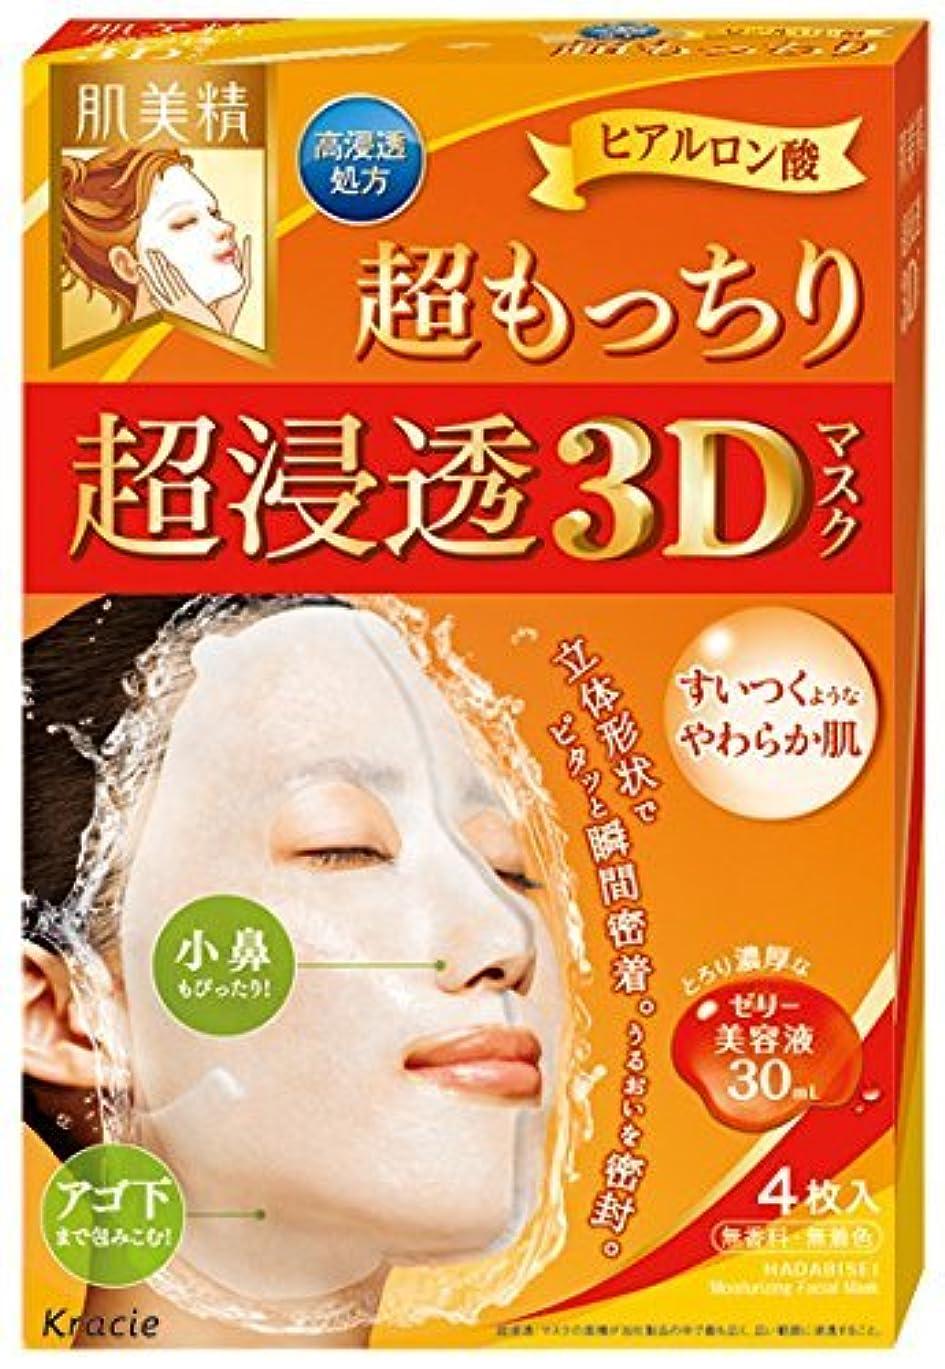 みなす彼女自身雄大な肌美精 超浸透3Dマスク 超もっちり × 5個セット